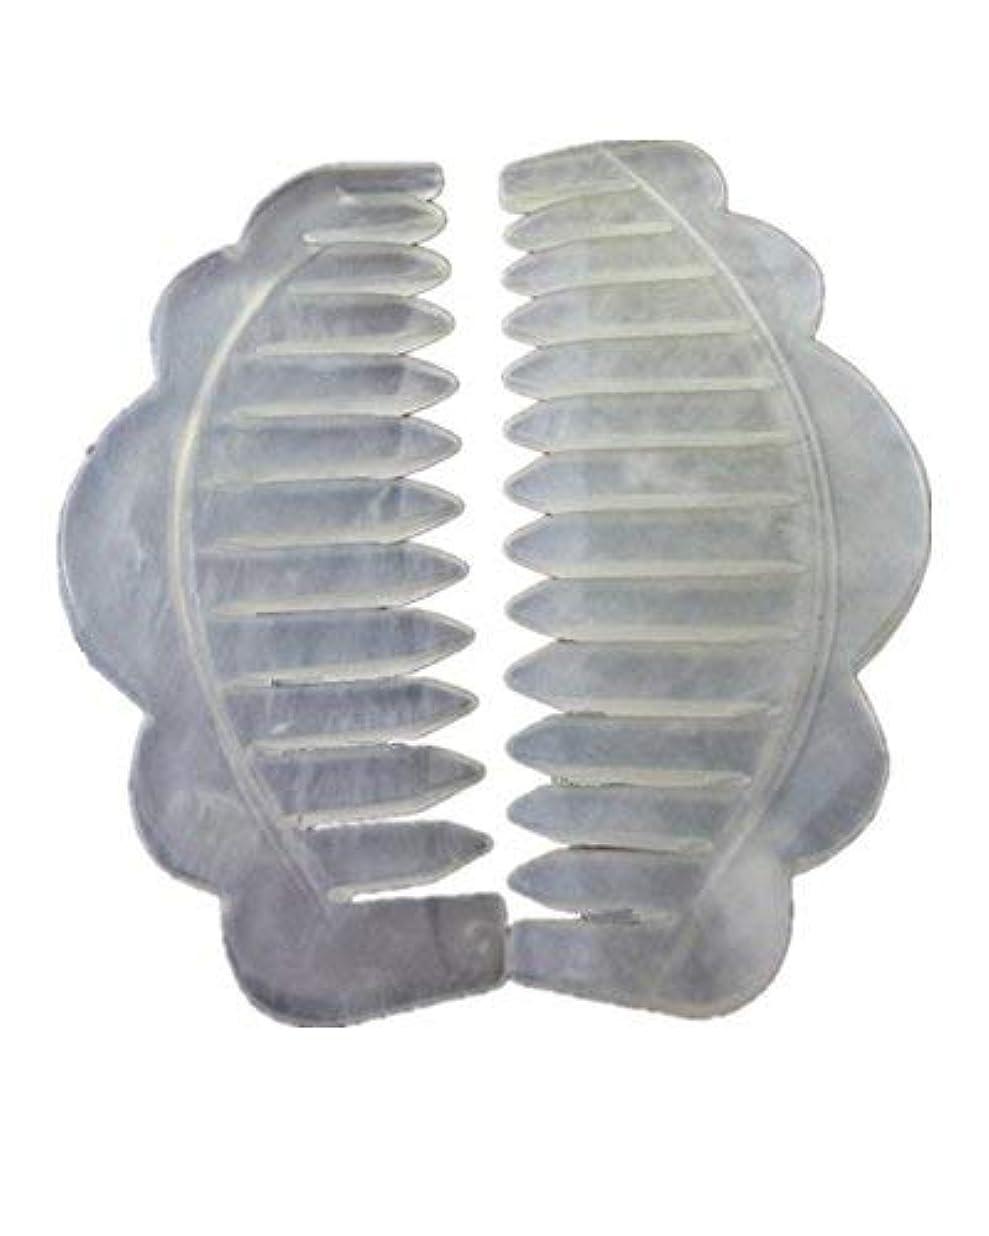 セブン現金むしゃむしゃJade Stone Head Therapy Massage Hair Comb Scalp Massager Pack of 2 [並行輸入品]